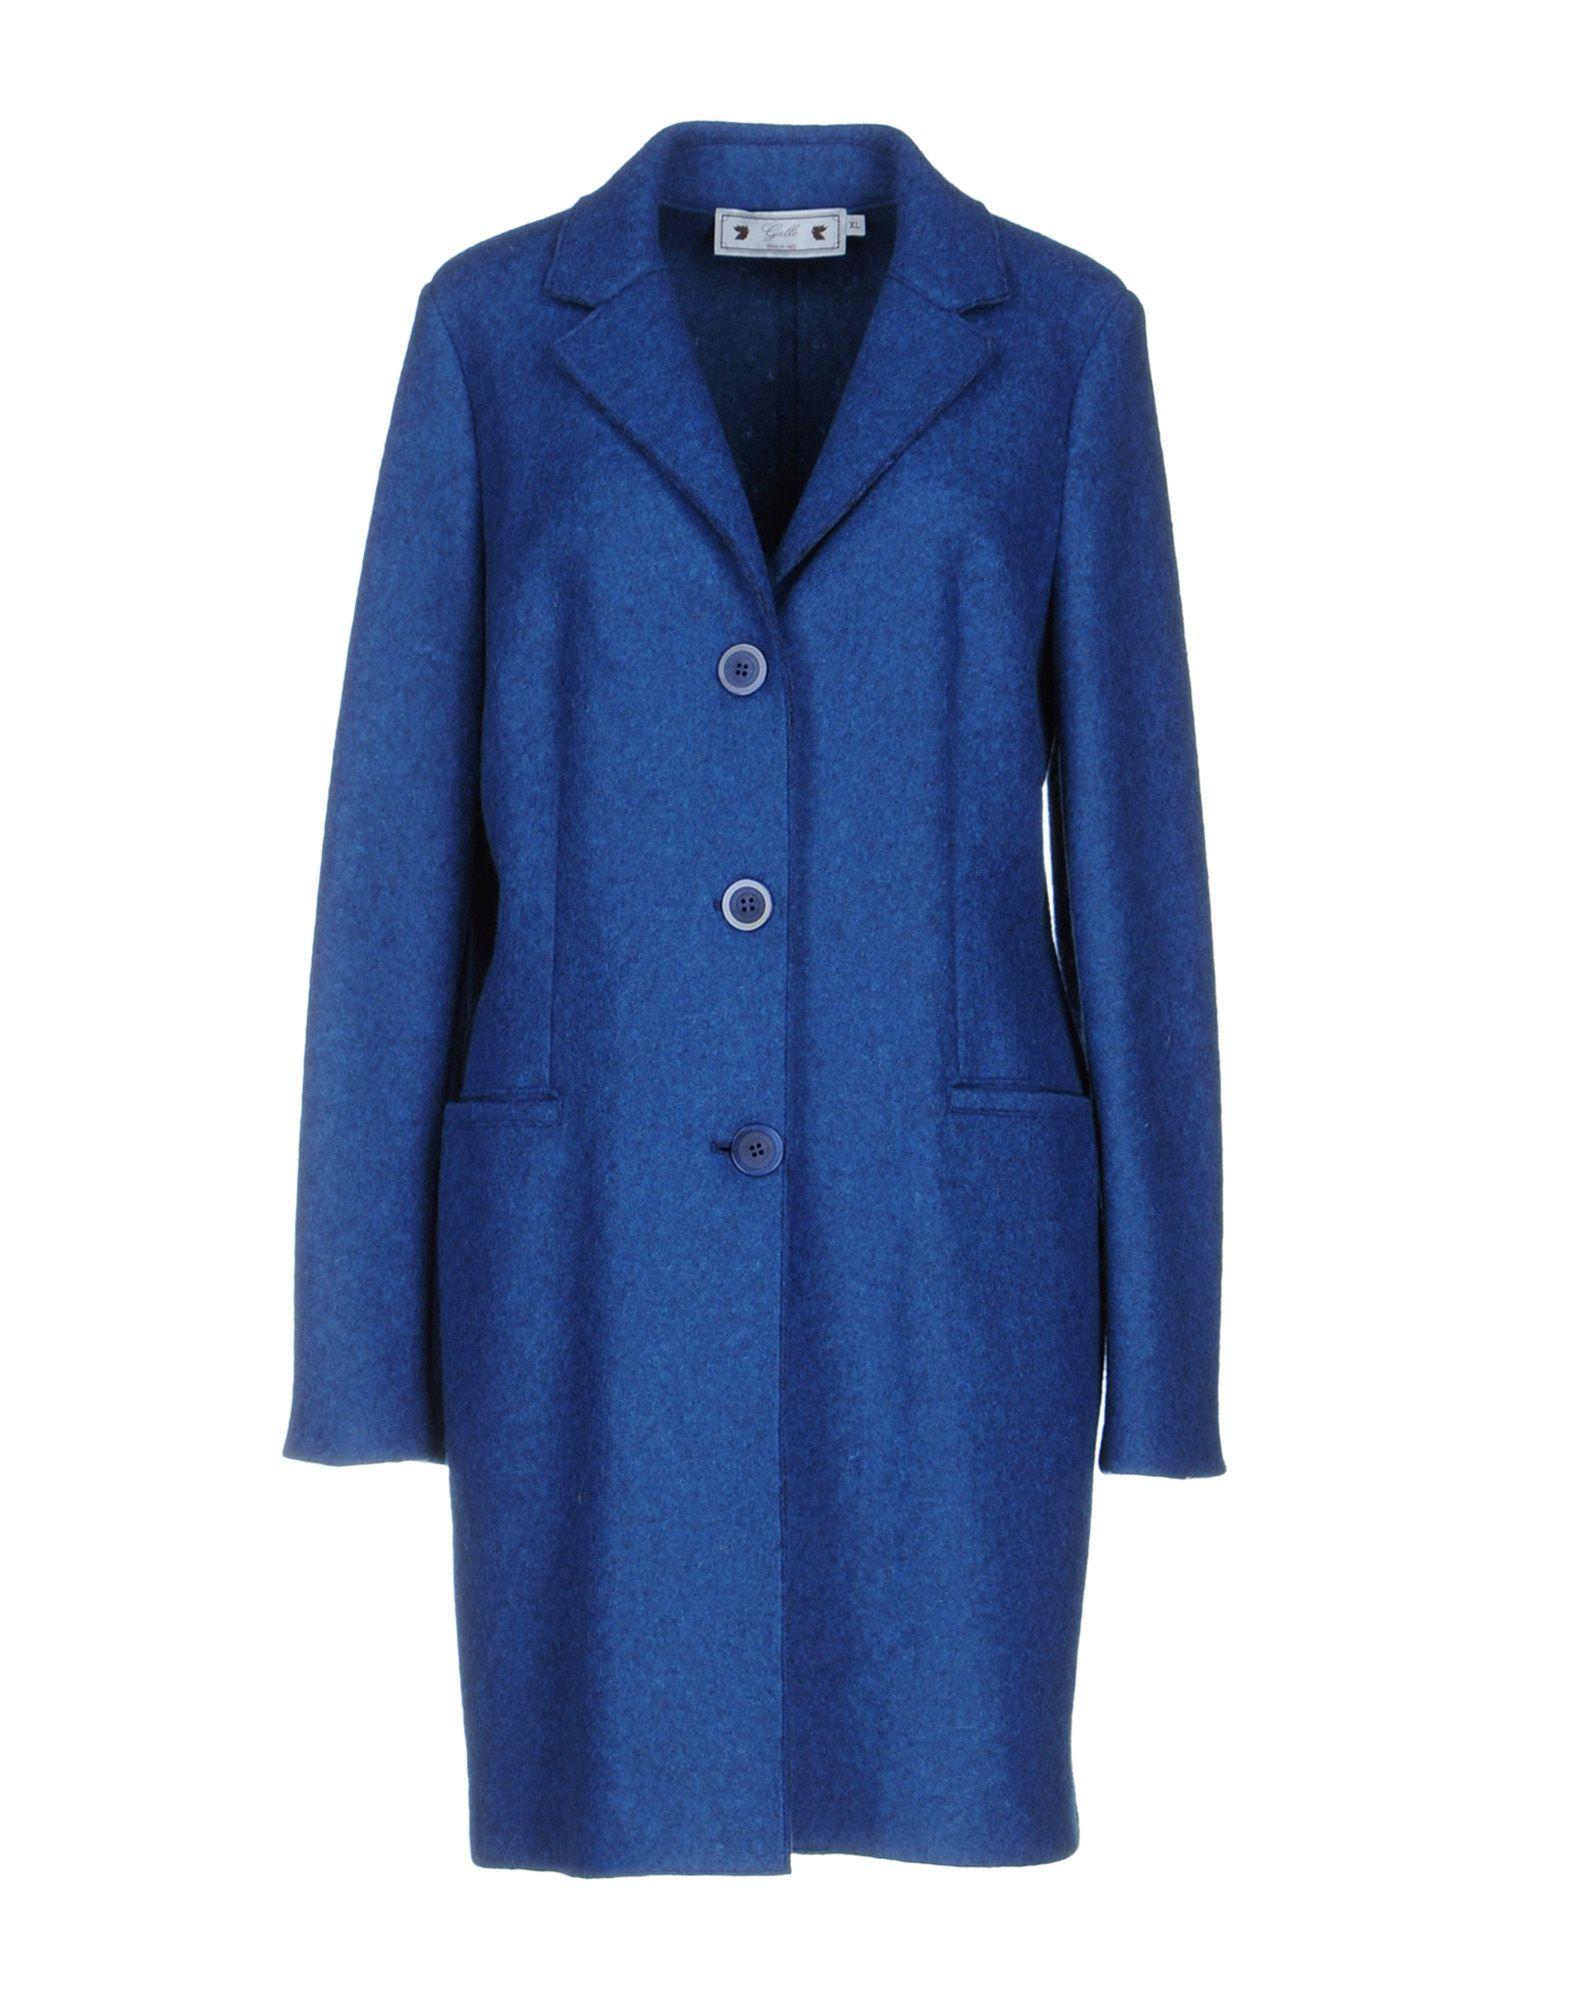 GALLO Damen Mantel Farbe Blau Größe 7 - broschei